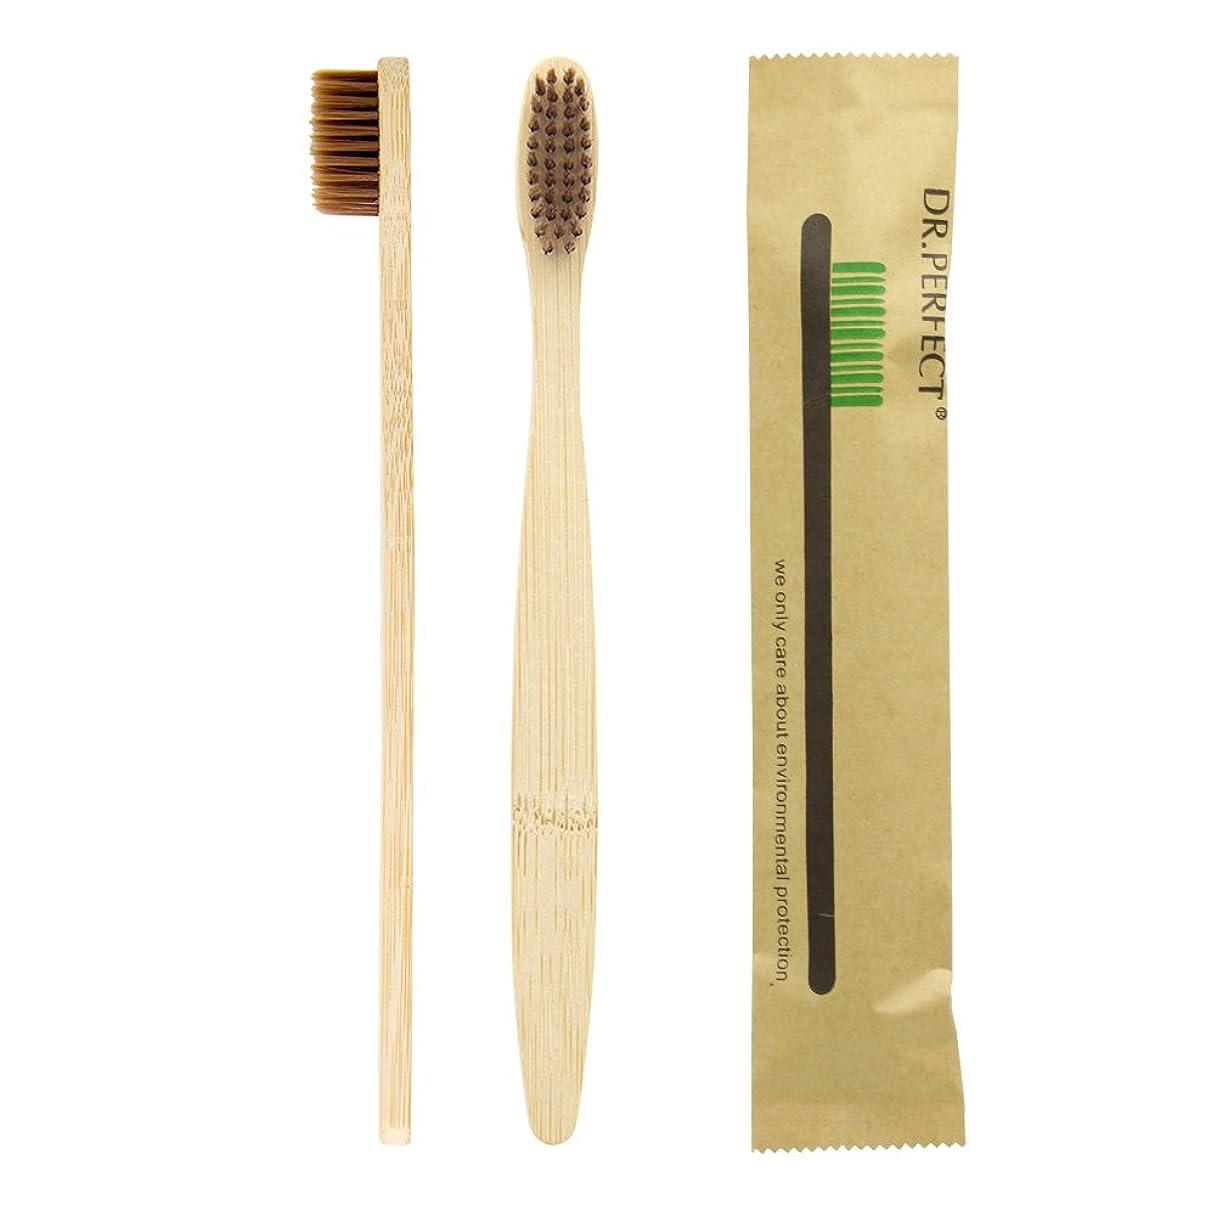 蒸発するミリメートル一節Dr.Perfect歯ブラシ竹製歯ブラシアダルト竹の歯ブラシ ナイロン毛 環境保護の歯ブラシ (ブラウン)